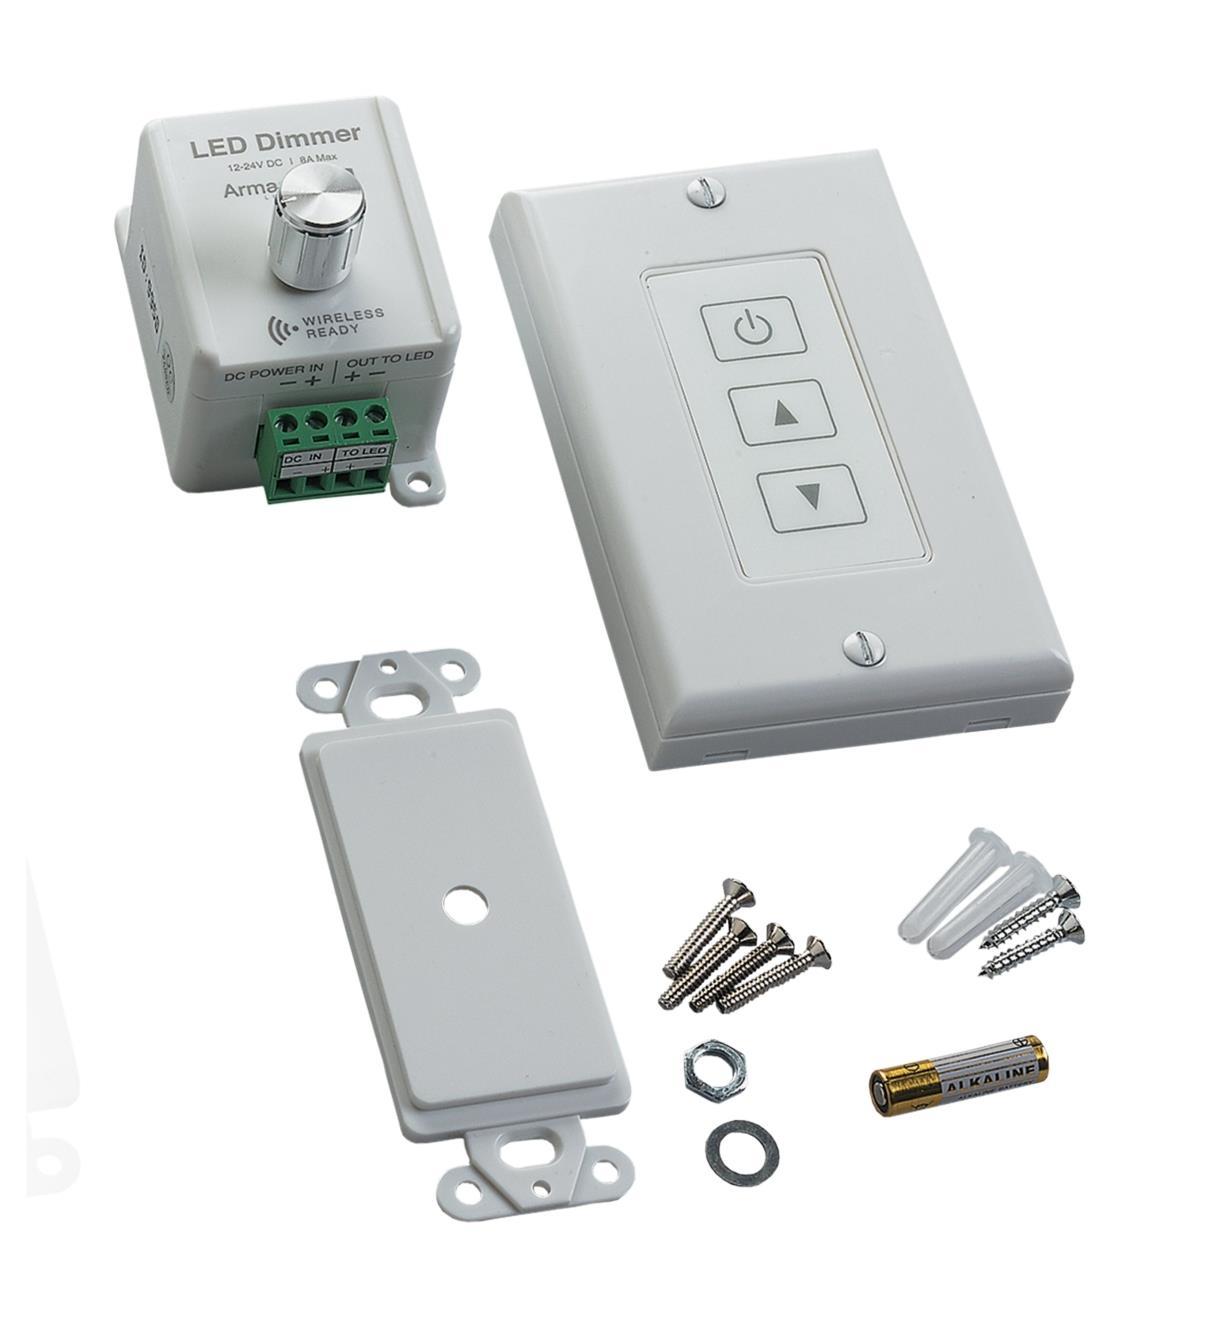 Dimmer Switch For White Led Lighting